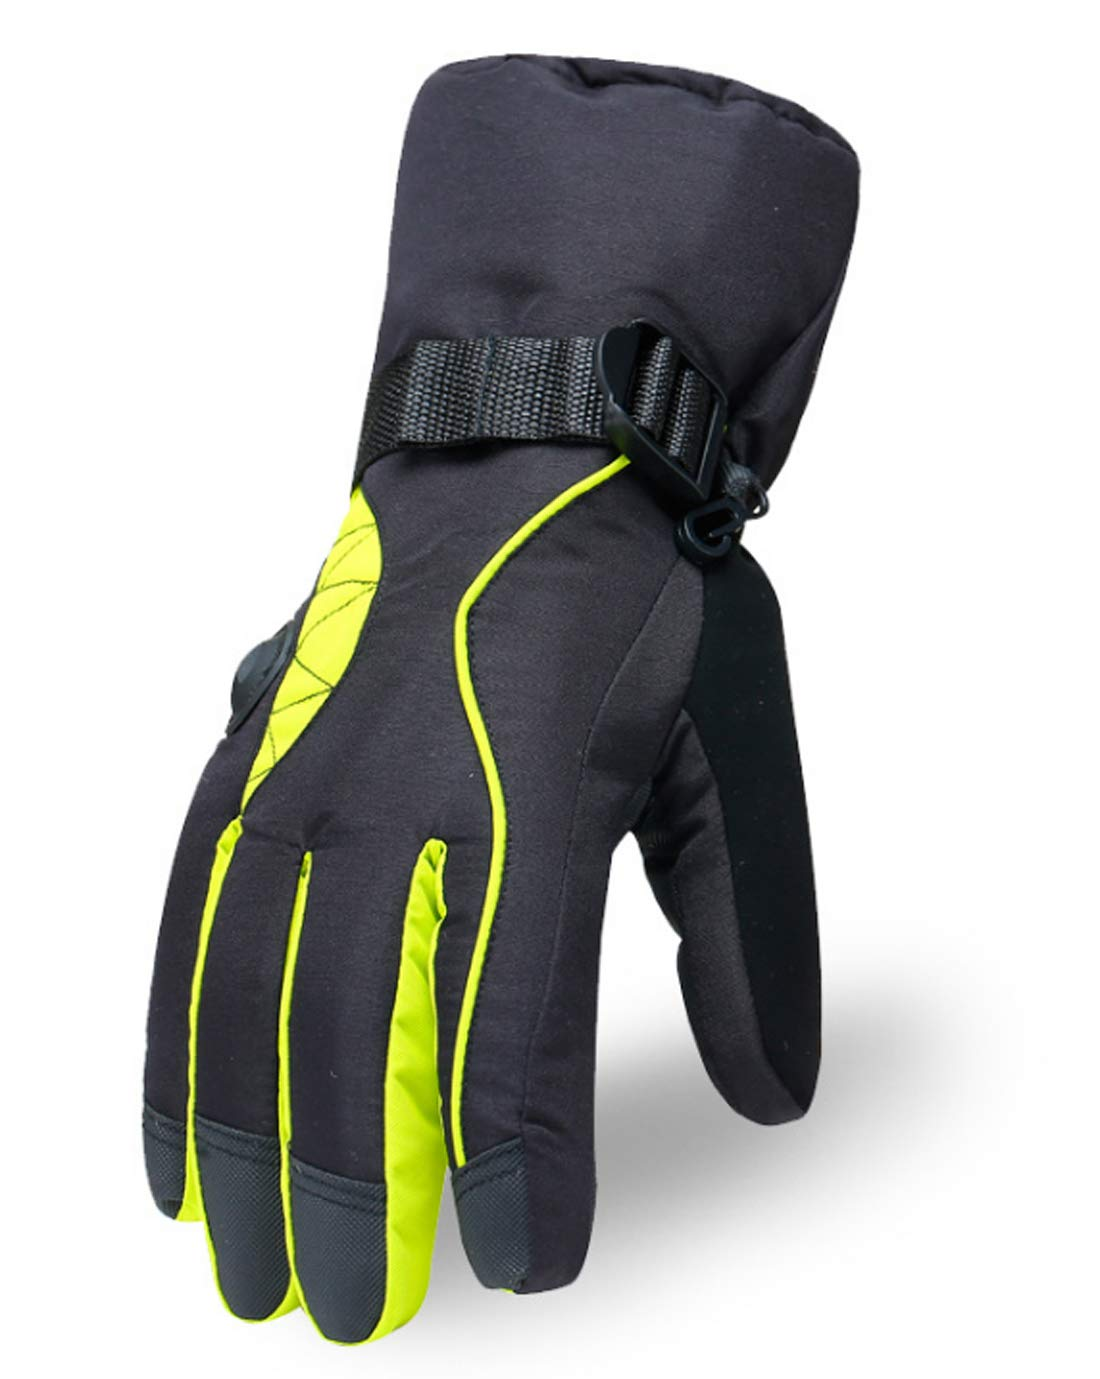 KuanDar 登山用暖かい手袋 屋外用 寒冷暖かい手袋 防風 防水 通気性 滑り止め スキー ハイキング キャンプ   B07K4ZFJ2X